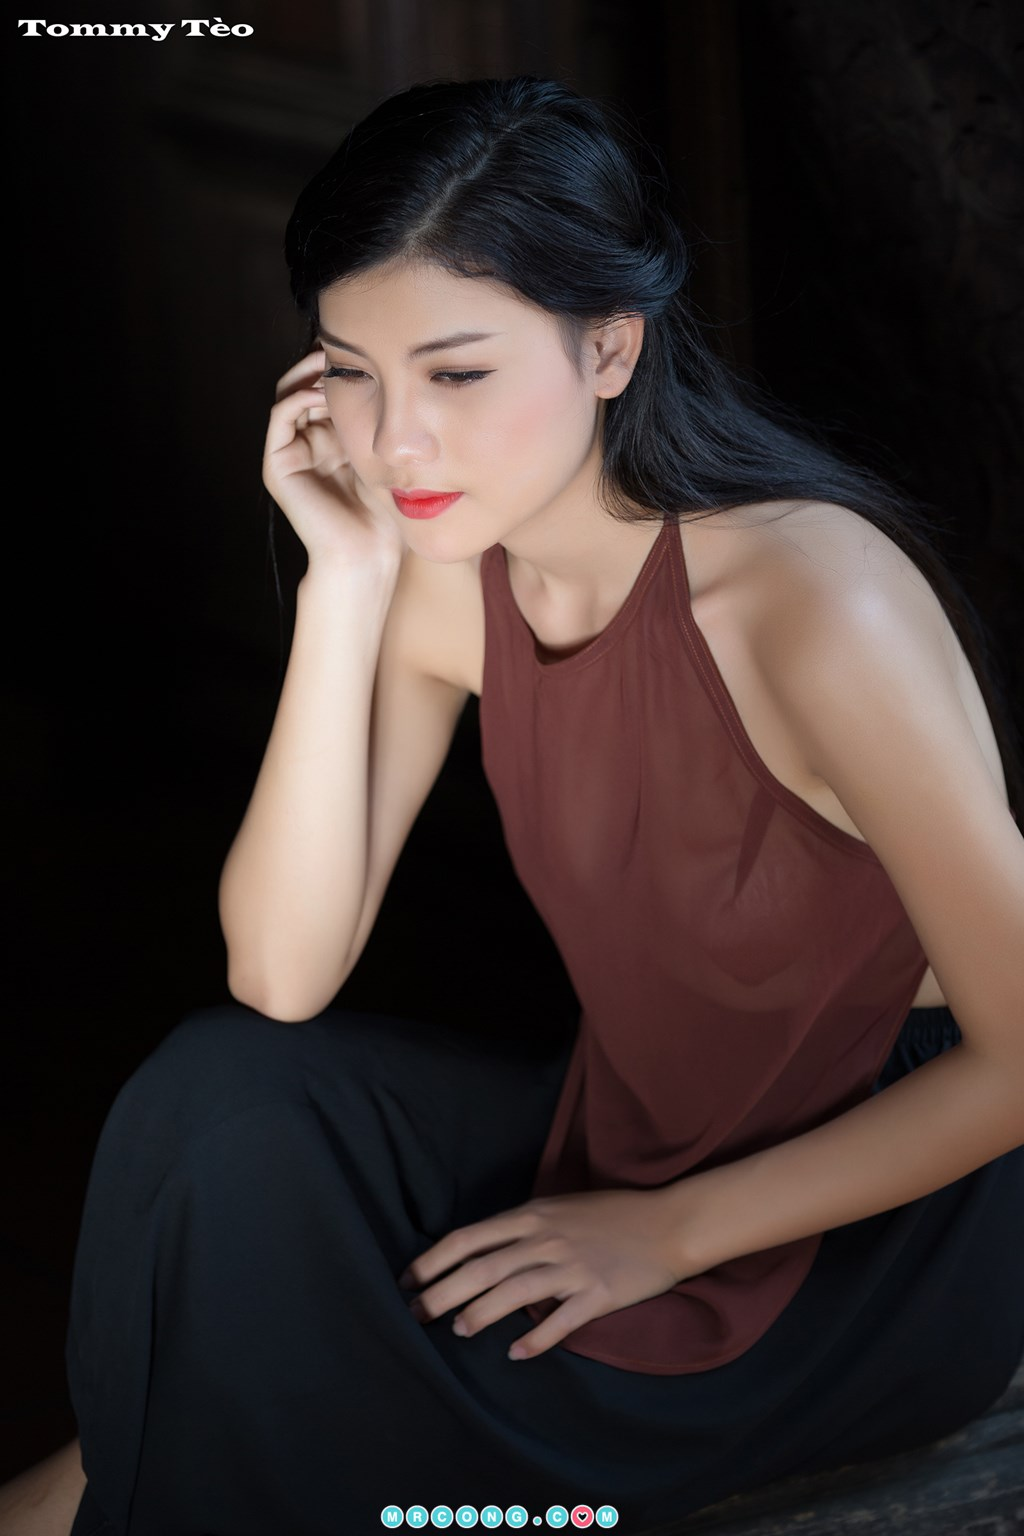 Image Nhung-Nguyen-by-Dang-Thanh-Tung-Tommy-Teo-MrCong.com-009 in post Nóng cả người với bộ ảnh thiếu nữ thả rông ngực mặc áo yếm mỏng tang (19 ảnh)